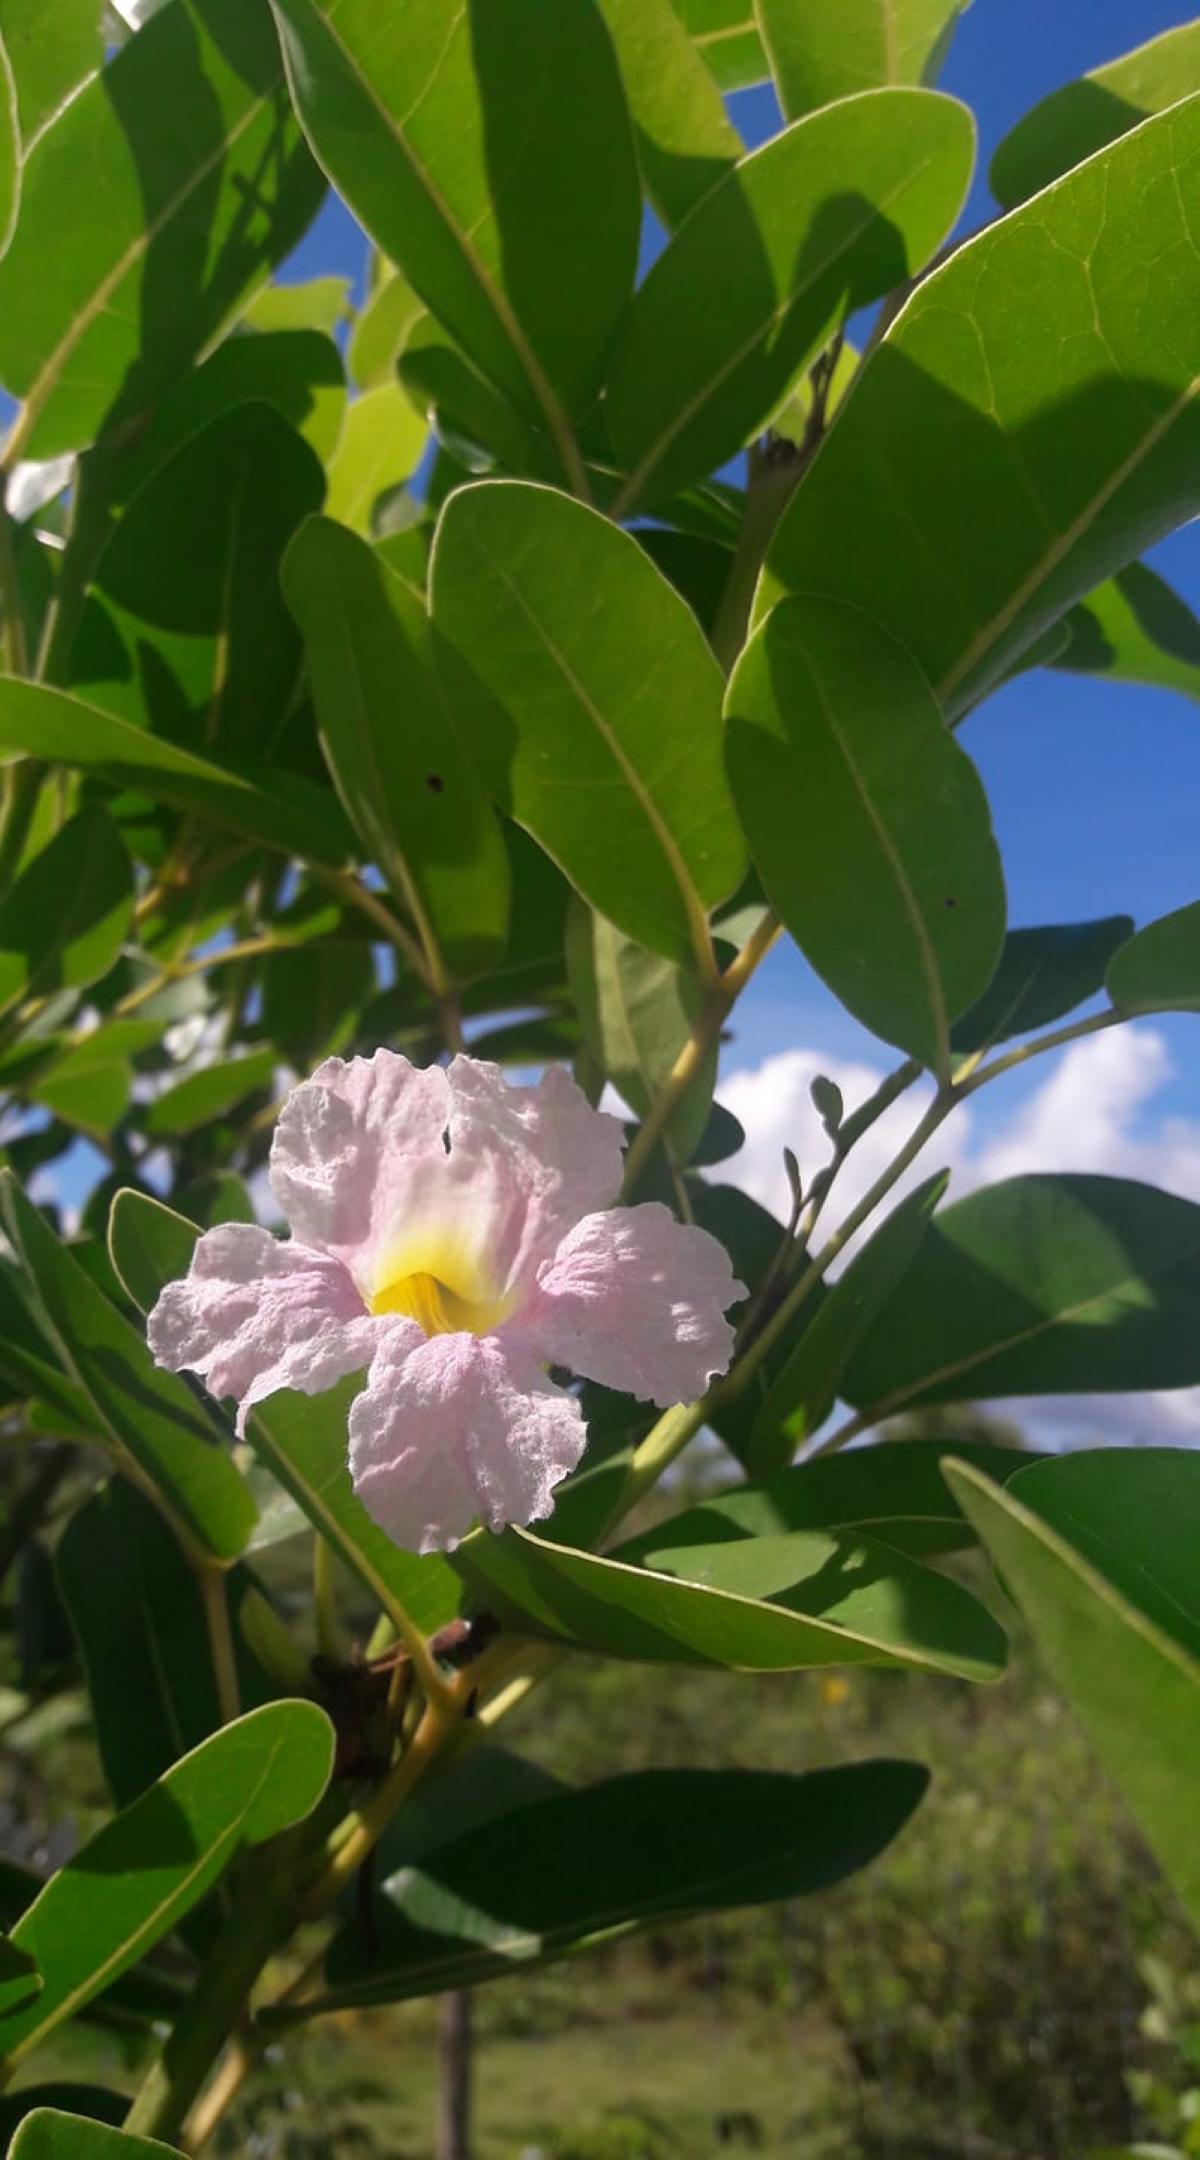 [Gael Soupe] L'été et les floraisons